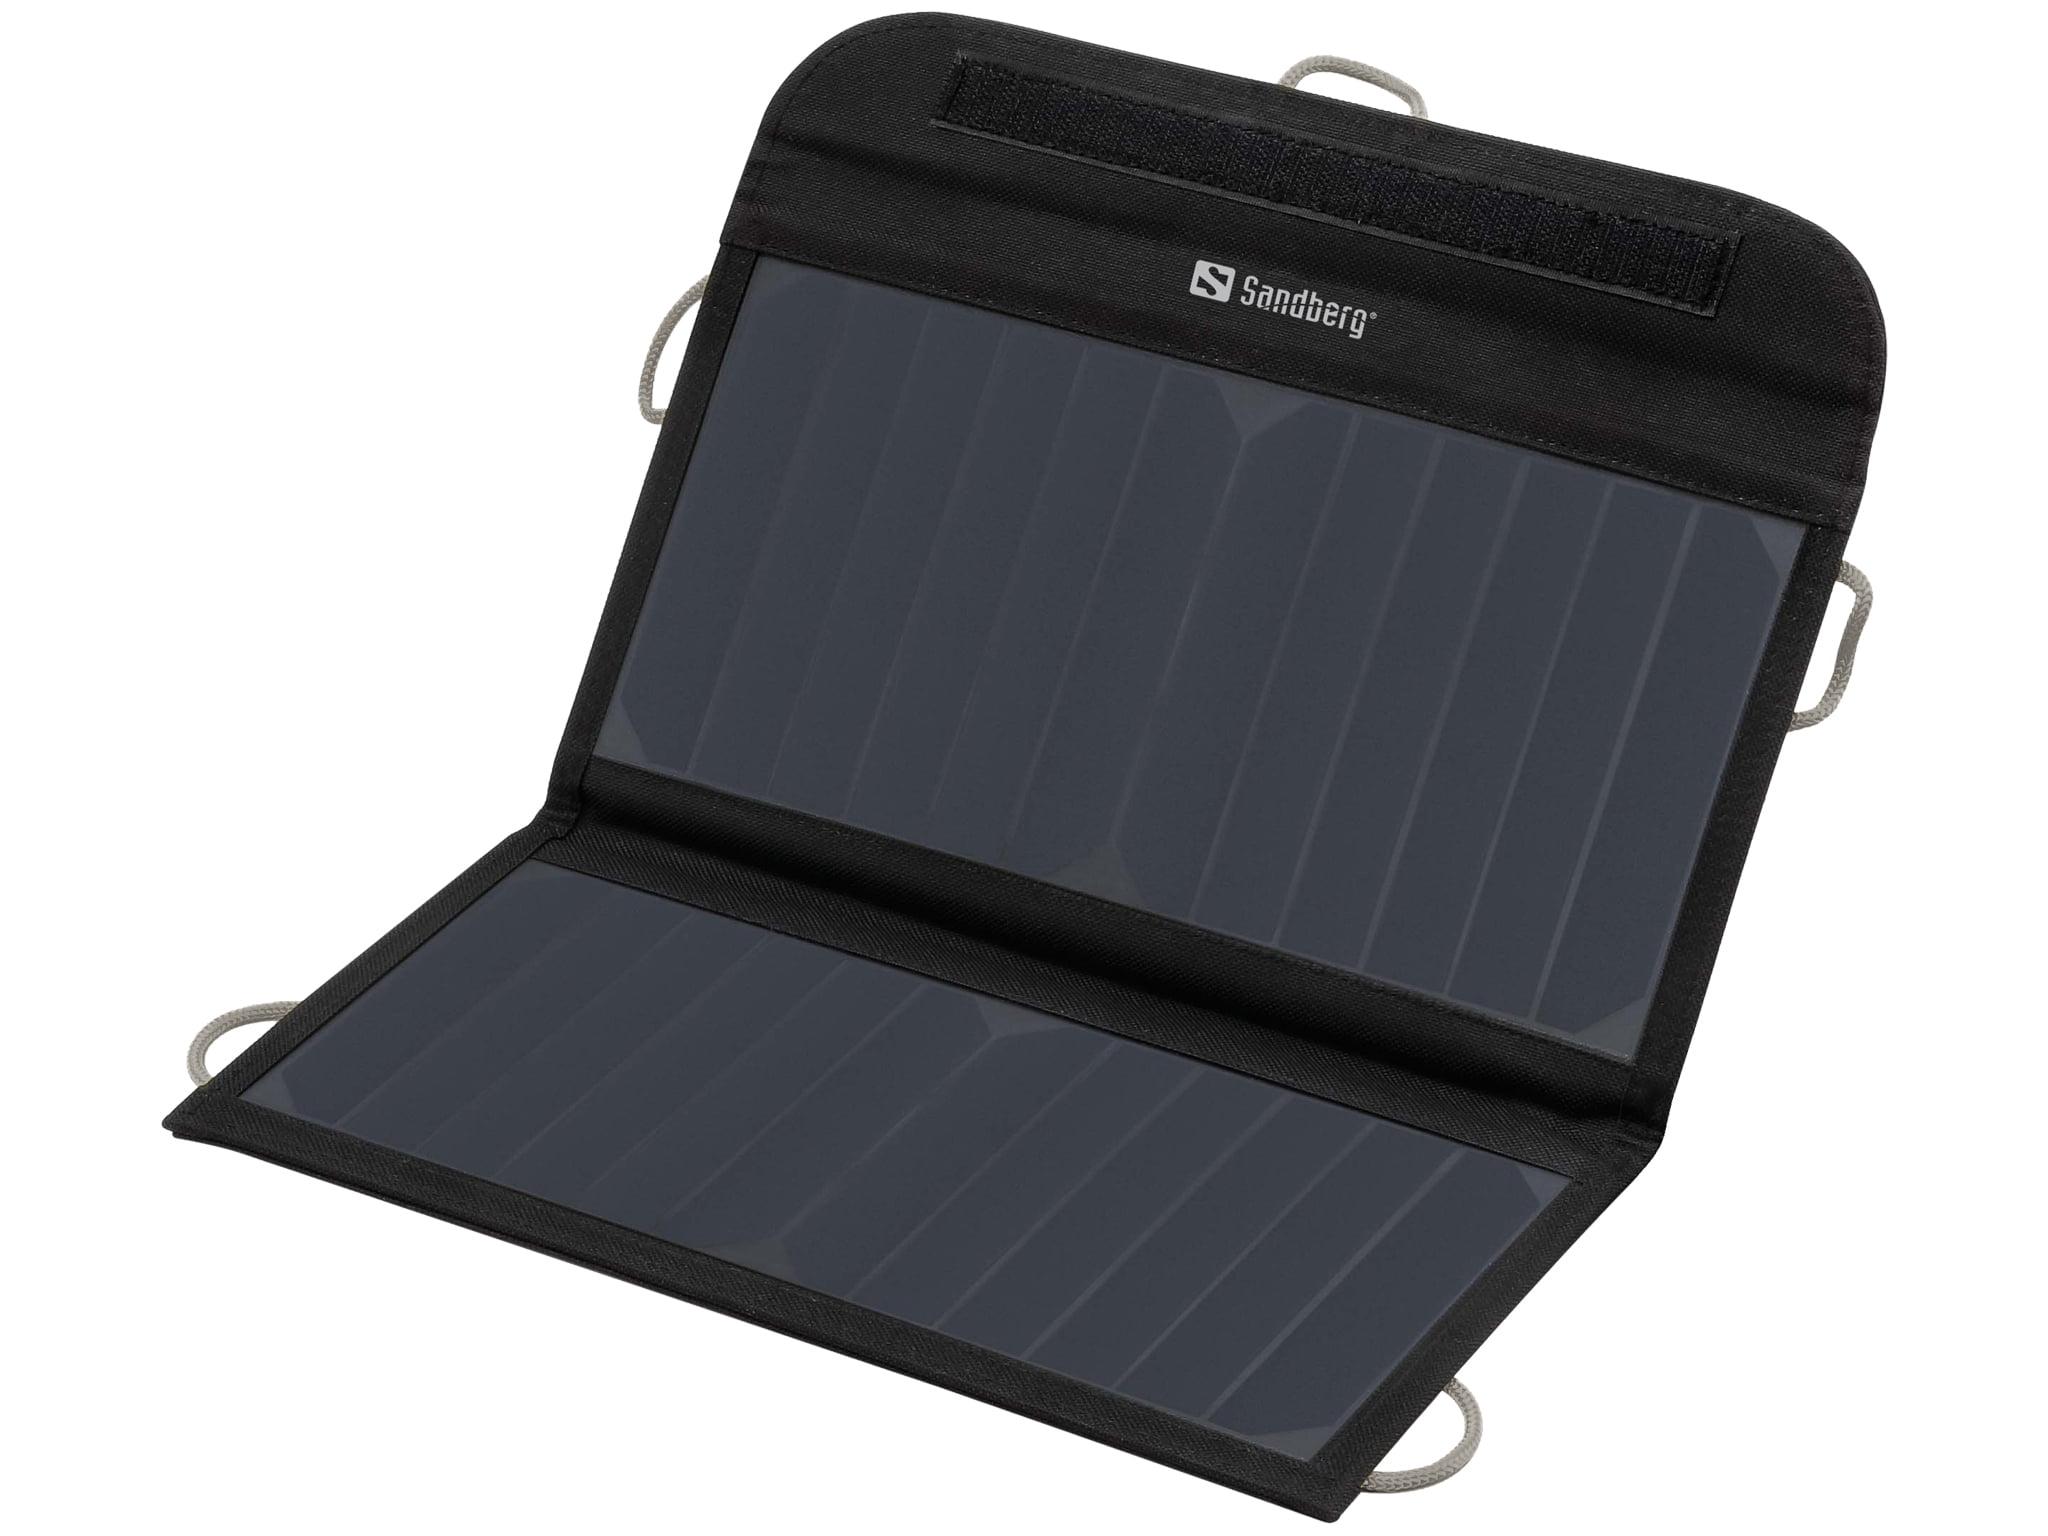 Sandberg solarni polnilnik 13W 2xUSB - Sončni polnilnik Sandberg Foldable Solar Charger je izjemno učinkovita sončna celica